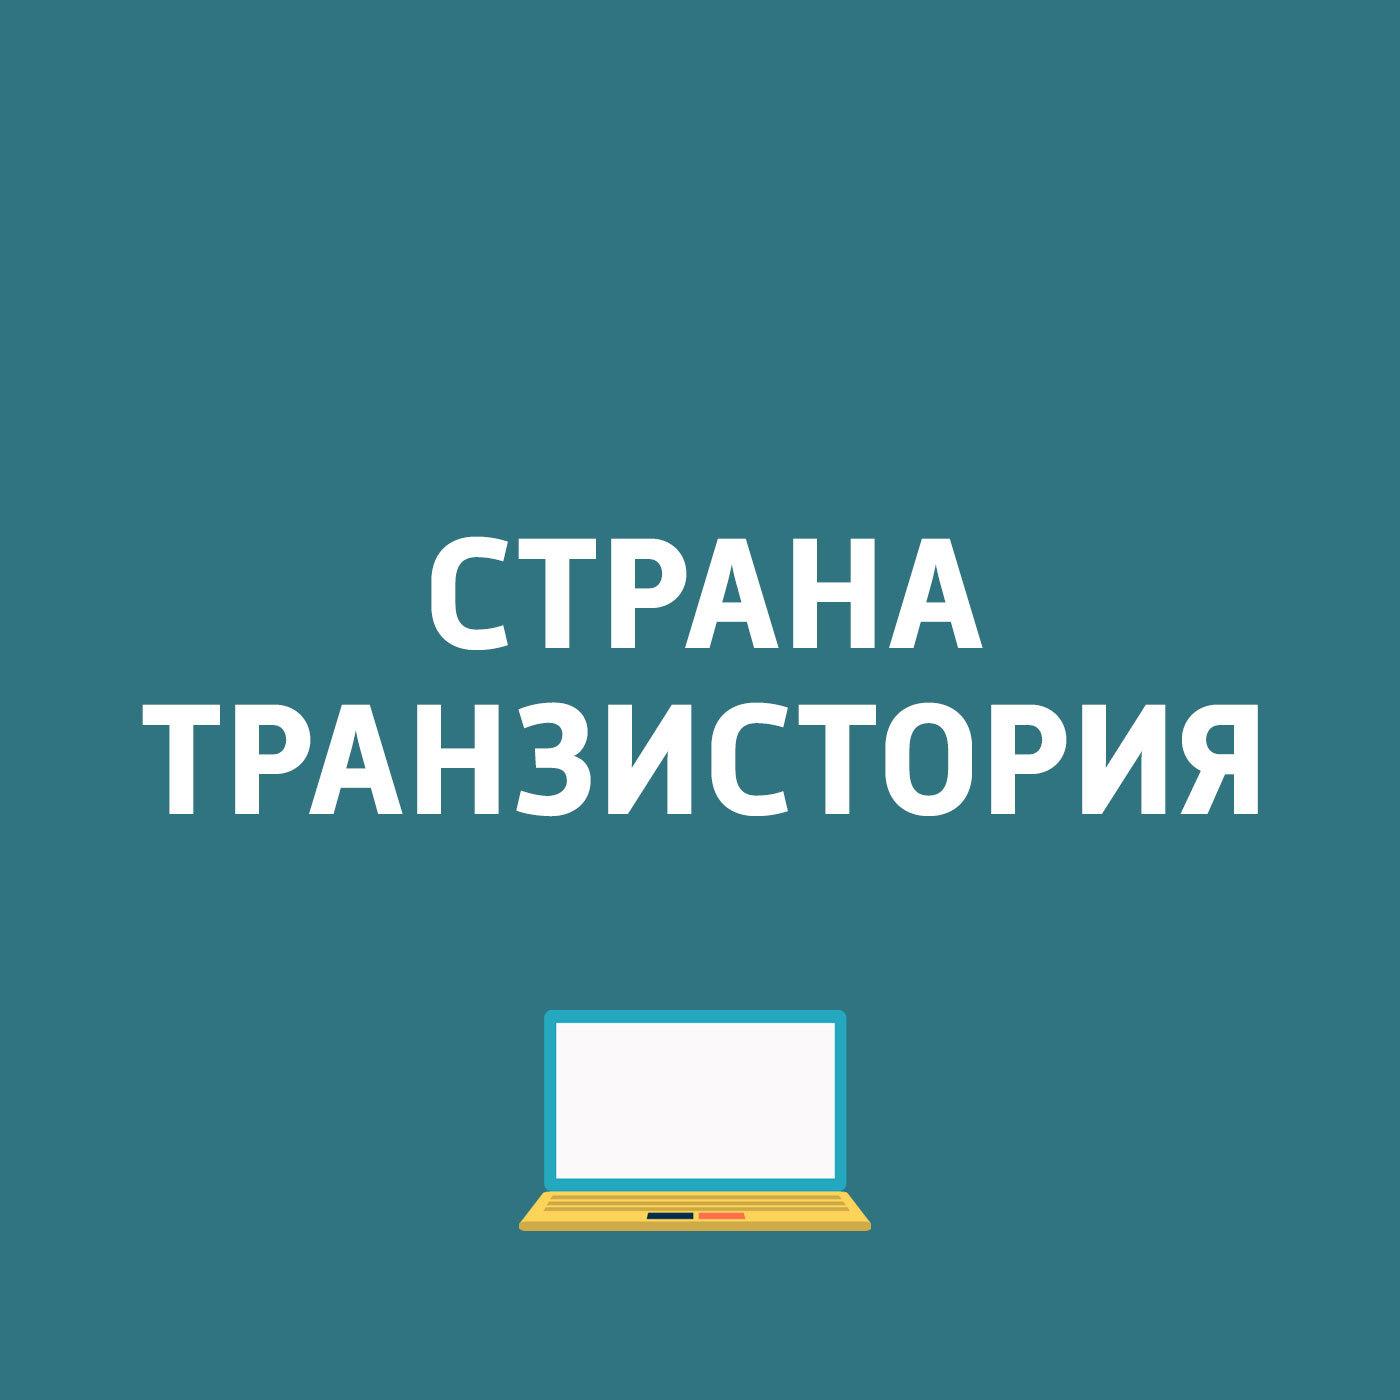 Картаев Павел Lenovo Z5, новая NVIDIA Isaac, WeChat и новый экшен Vampyr